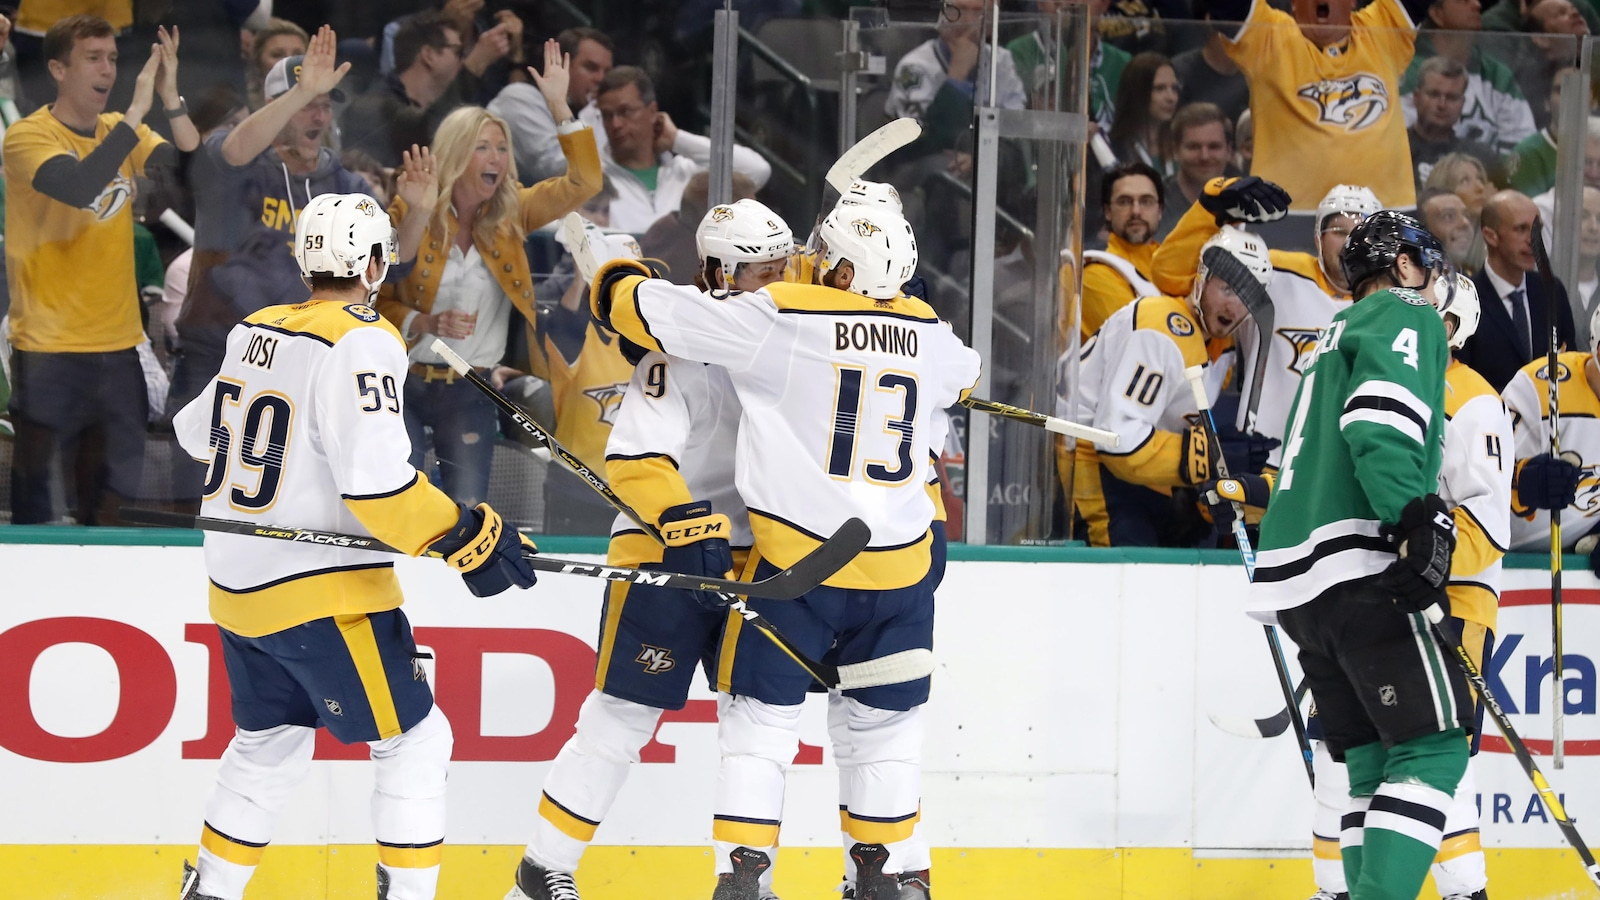 Les trois joueurs des Predators se sautent dans les bras.